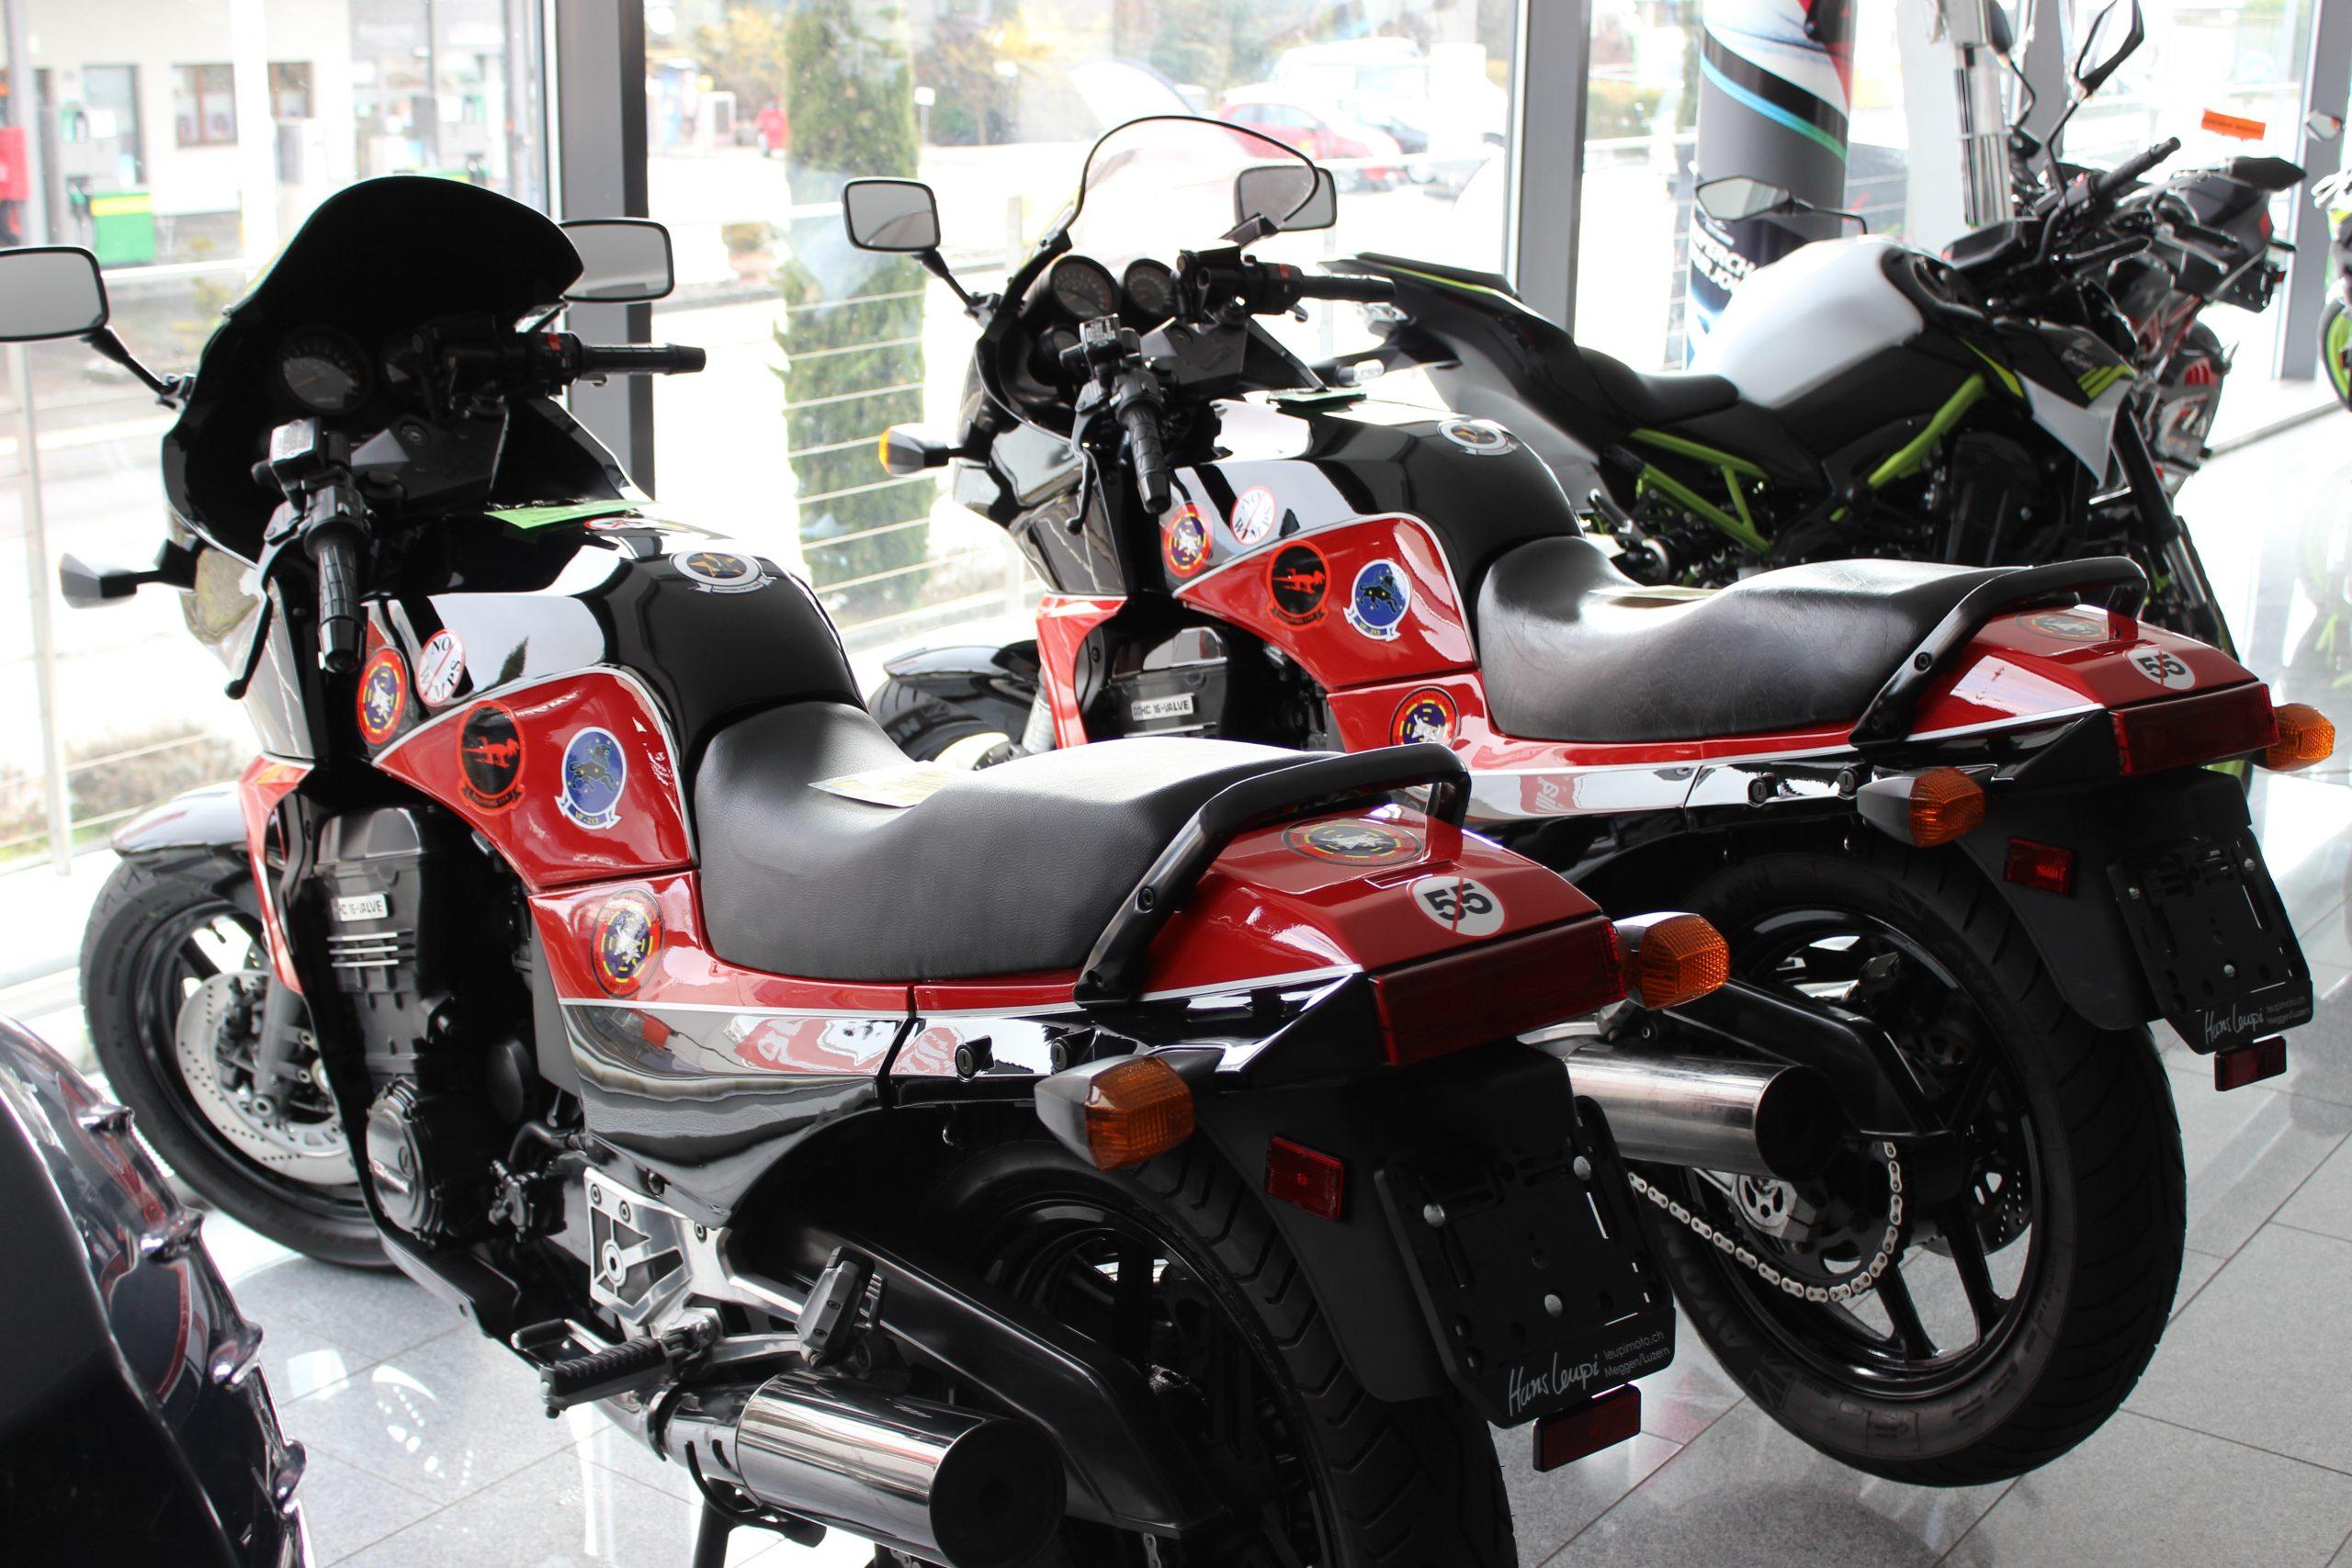 Kawasaki GPZ 900 R Top Gun , Tom Cruise , TopGun , Hans Leupi leupimoto in Meggen